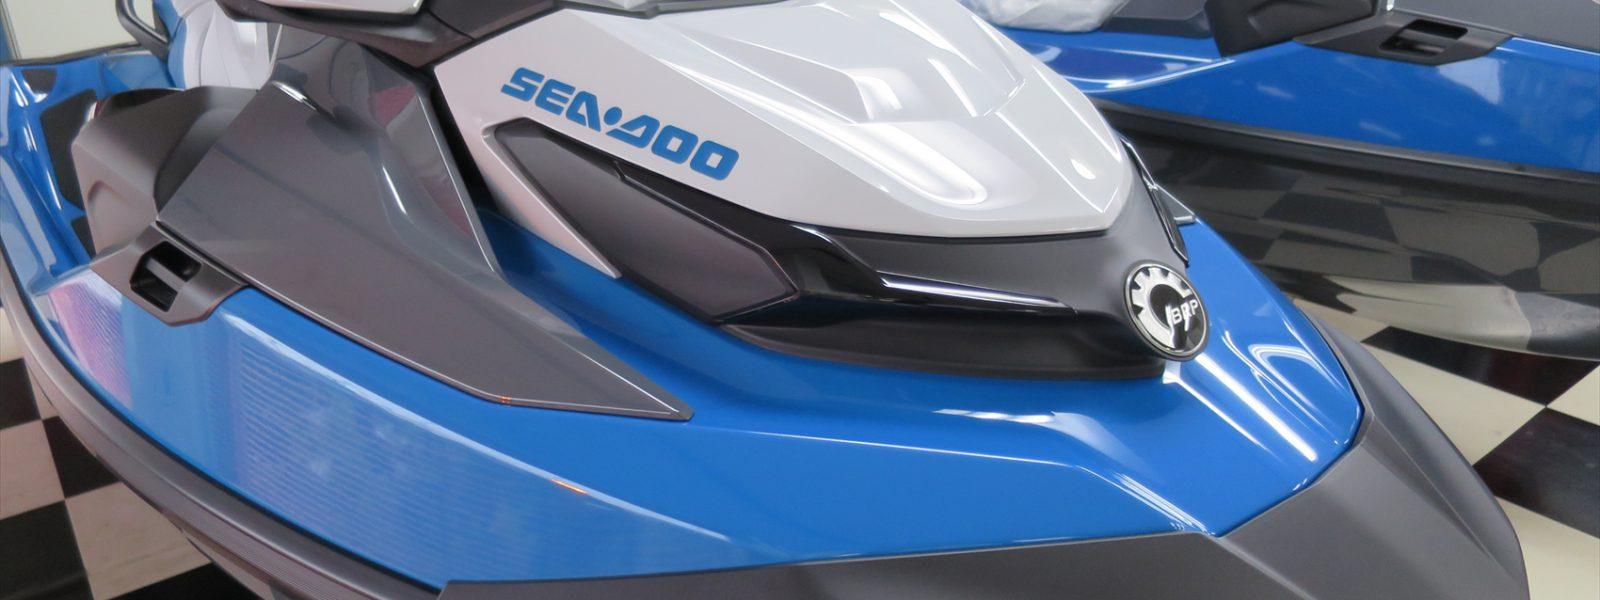 新艇!SEADOO GTX170オーディオ付き またまた入荷!